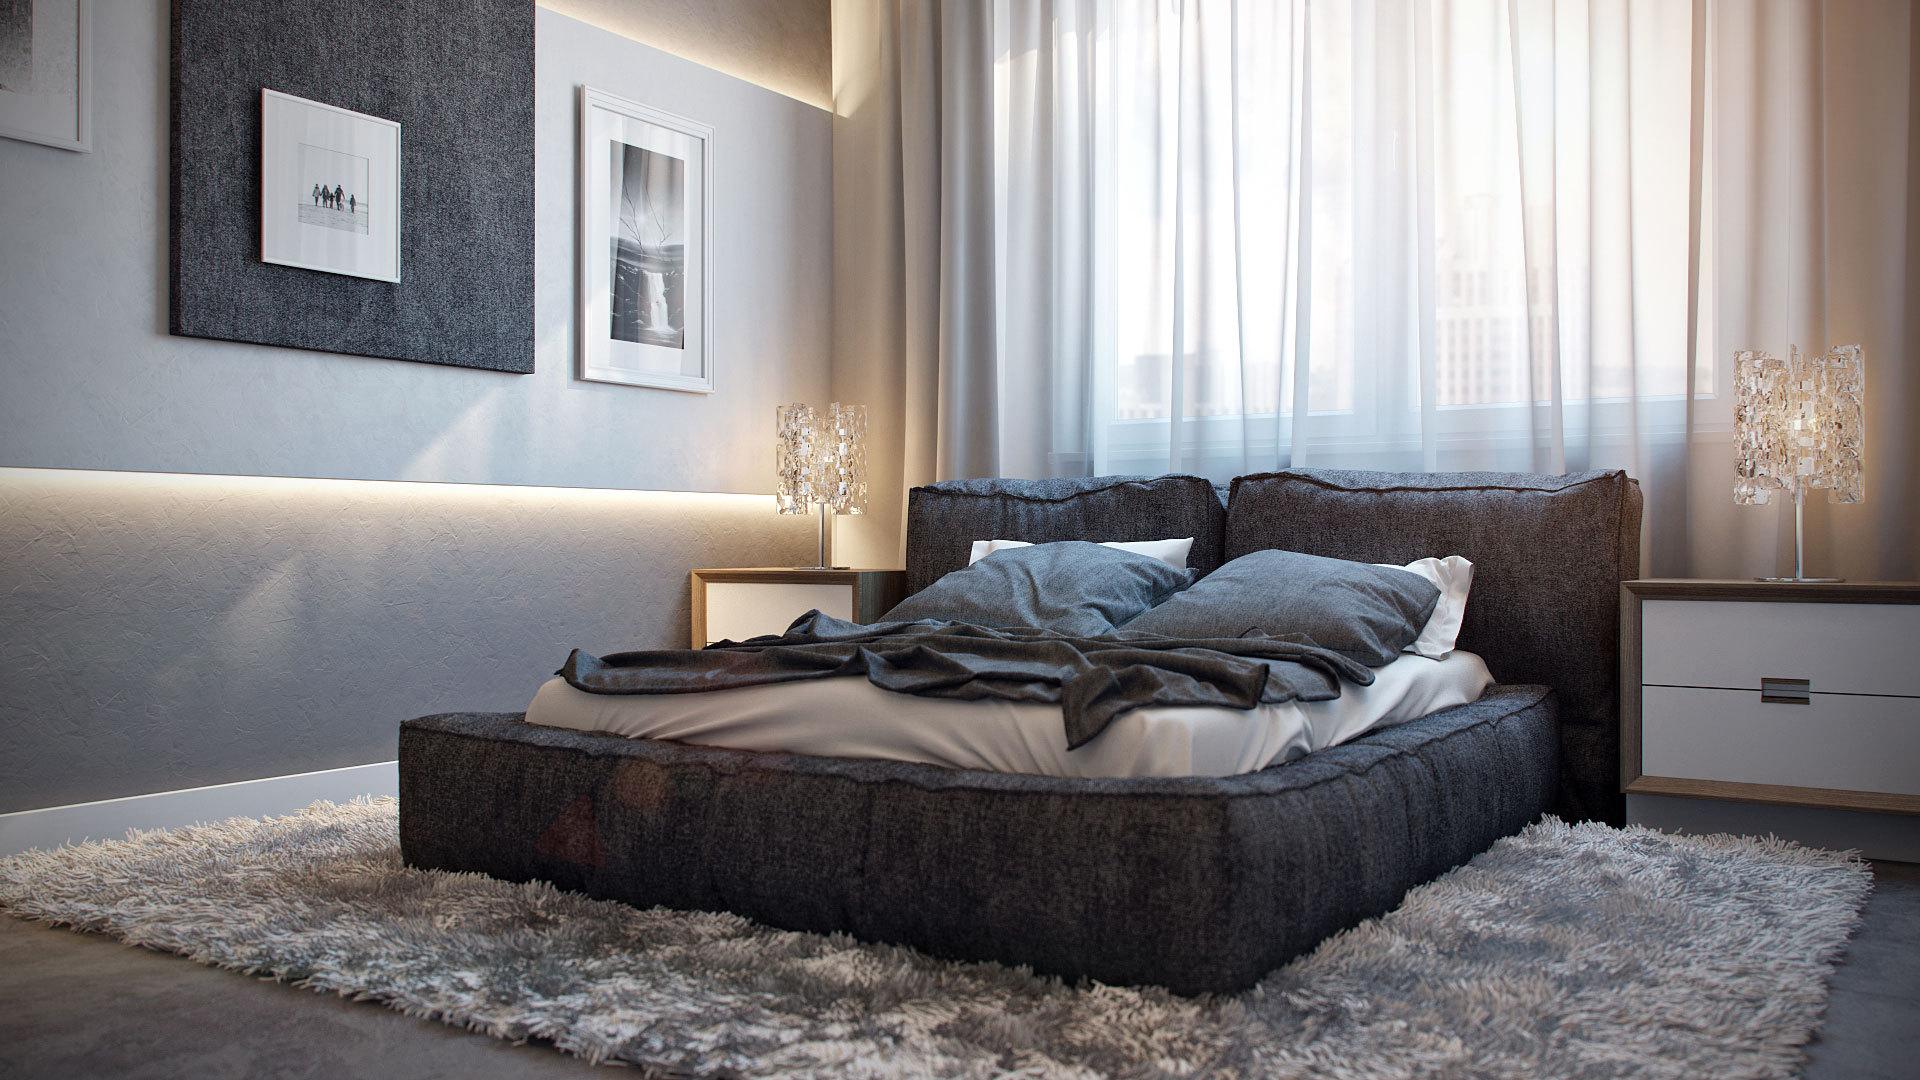 fur carpet bedroom furniture space minimalist art hd wallpaper 1920x1080